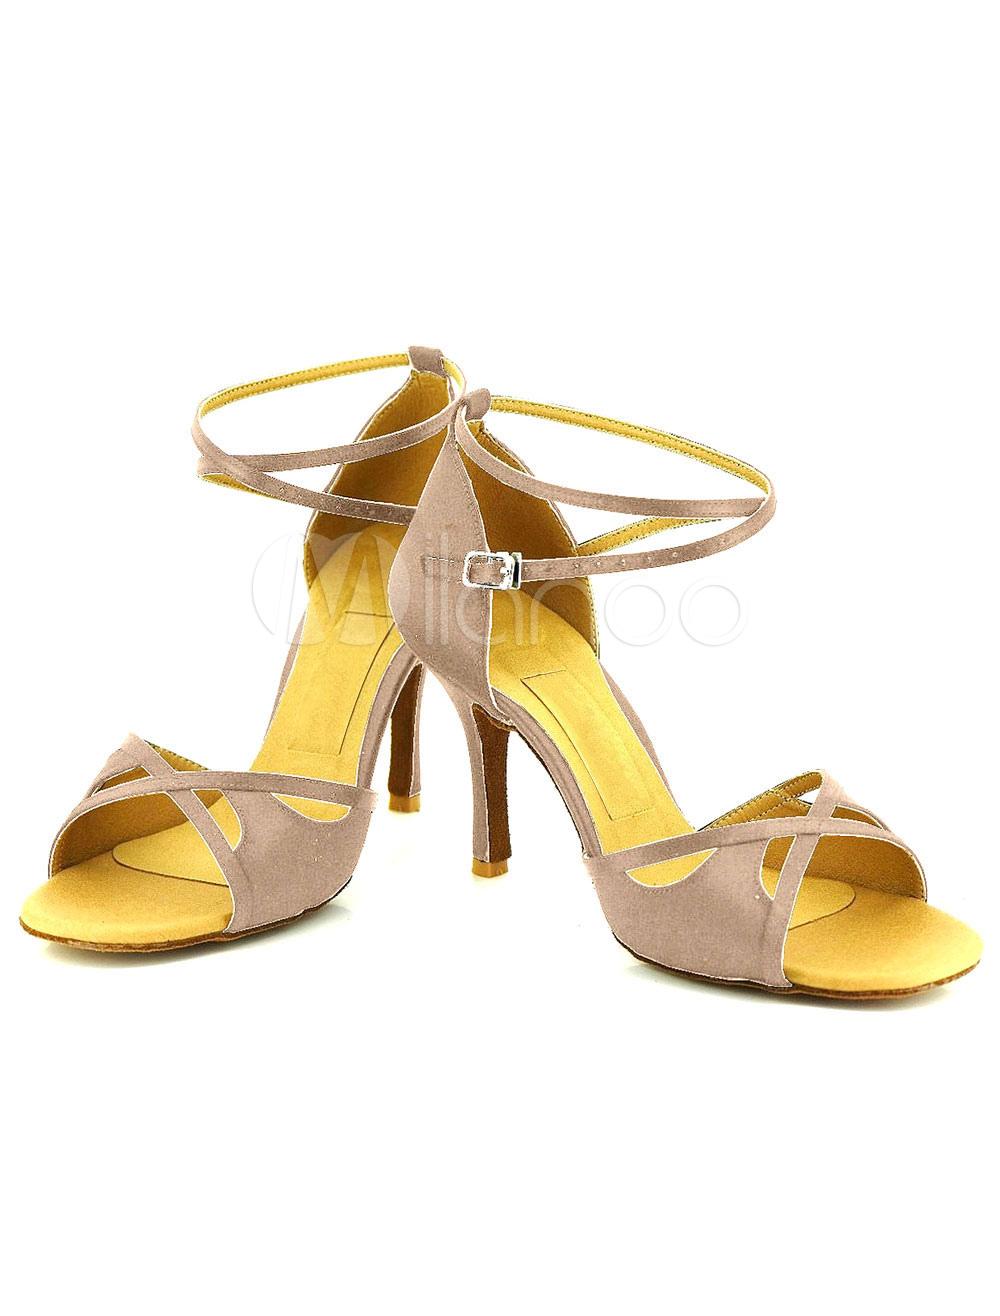 Tobillo correa zapatos Open Toe raso cuerda bobina talón baile zapatos de baile de mujeres 2SDI6rcWqi